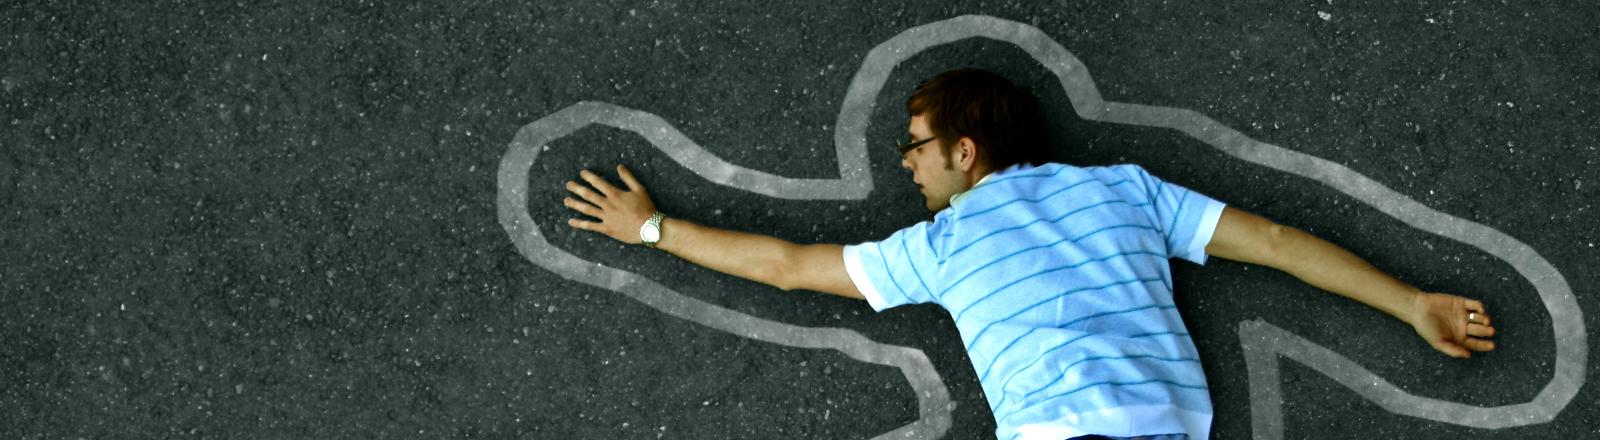 Ein junger Mann mit Brille liegt auf dem Asphalt, um seinen Körper herum ist eine weiße Linie gemalt